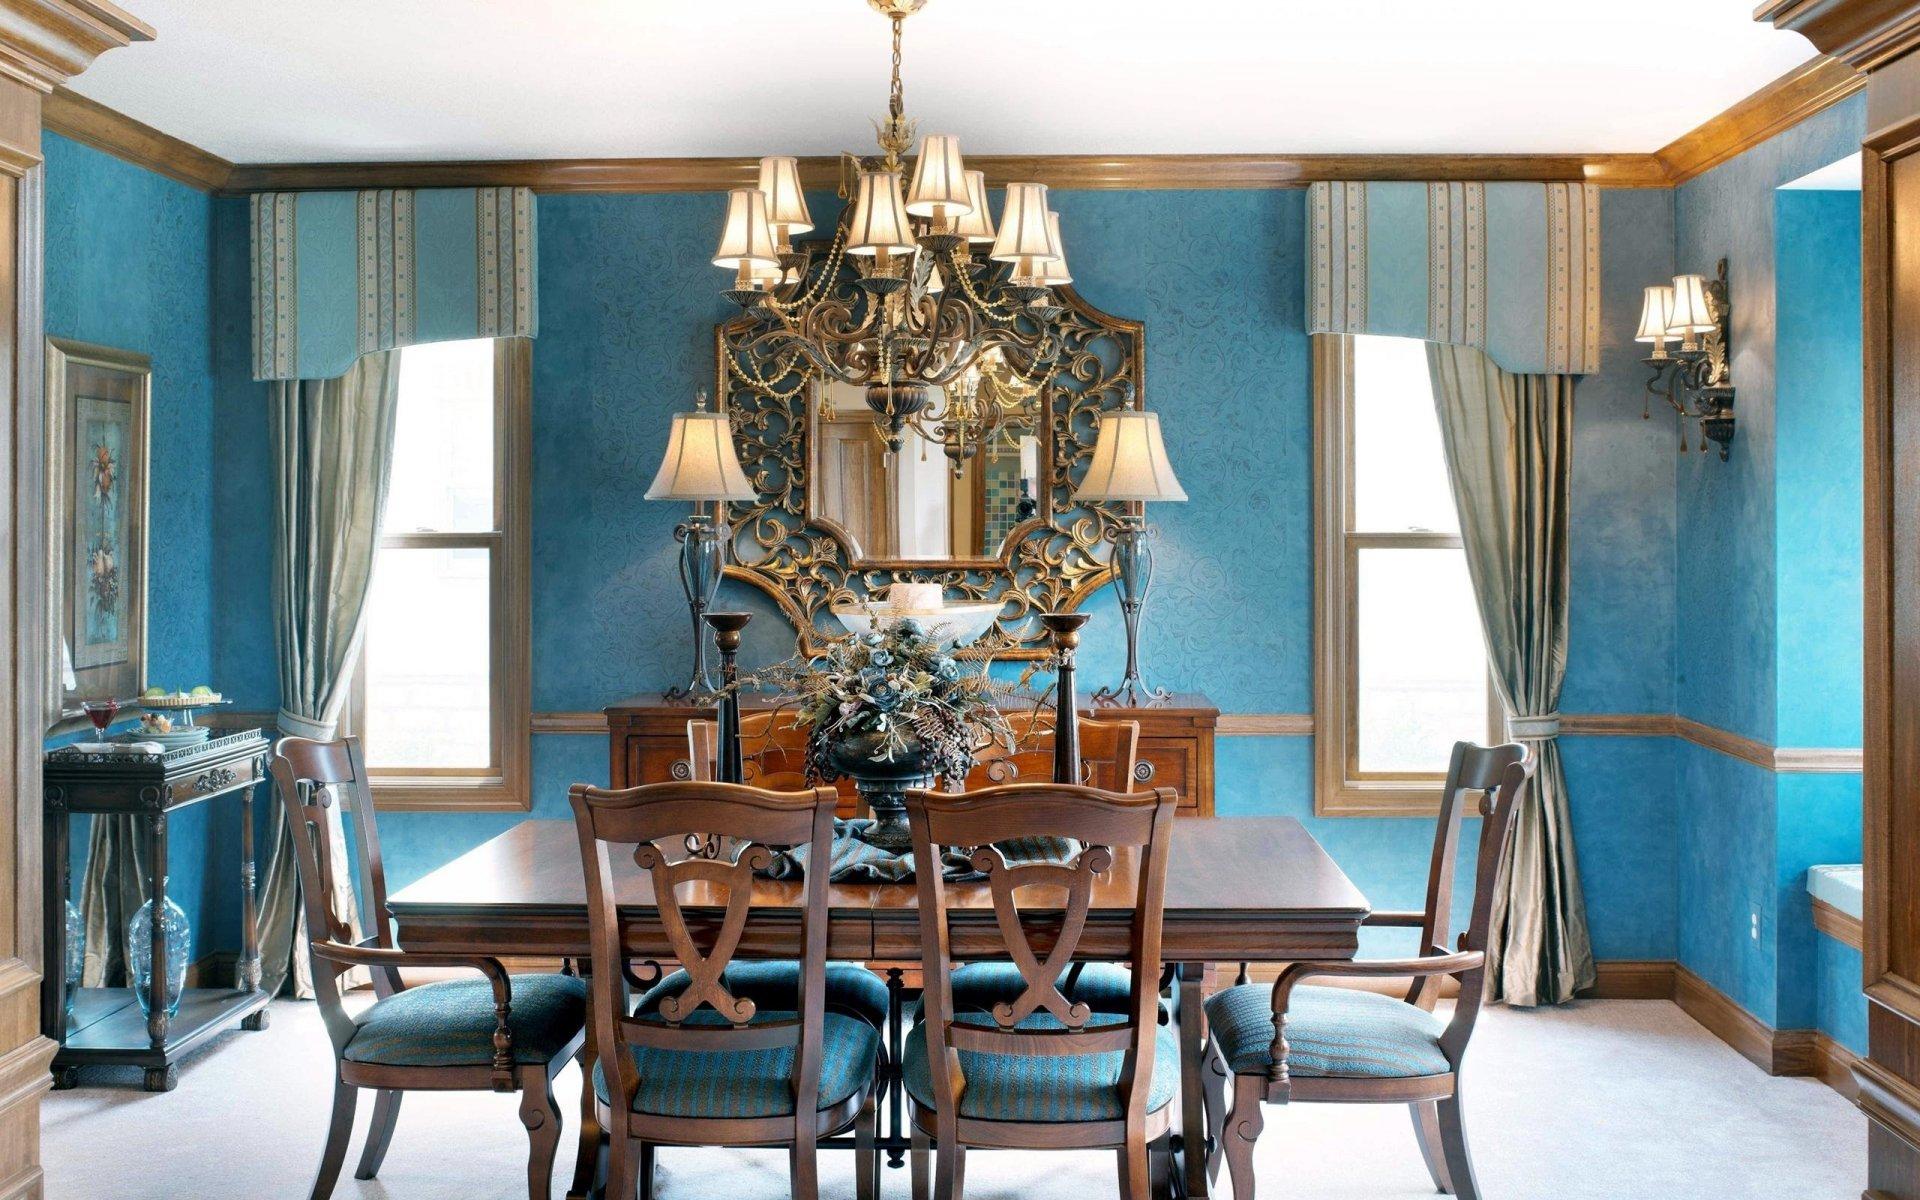 интерьер красивый красиво стиль старый стиль дизайн гостиная зал